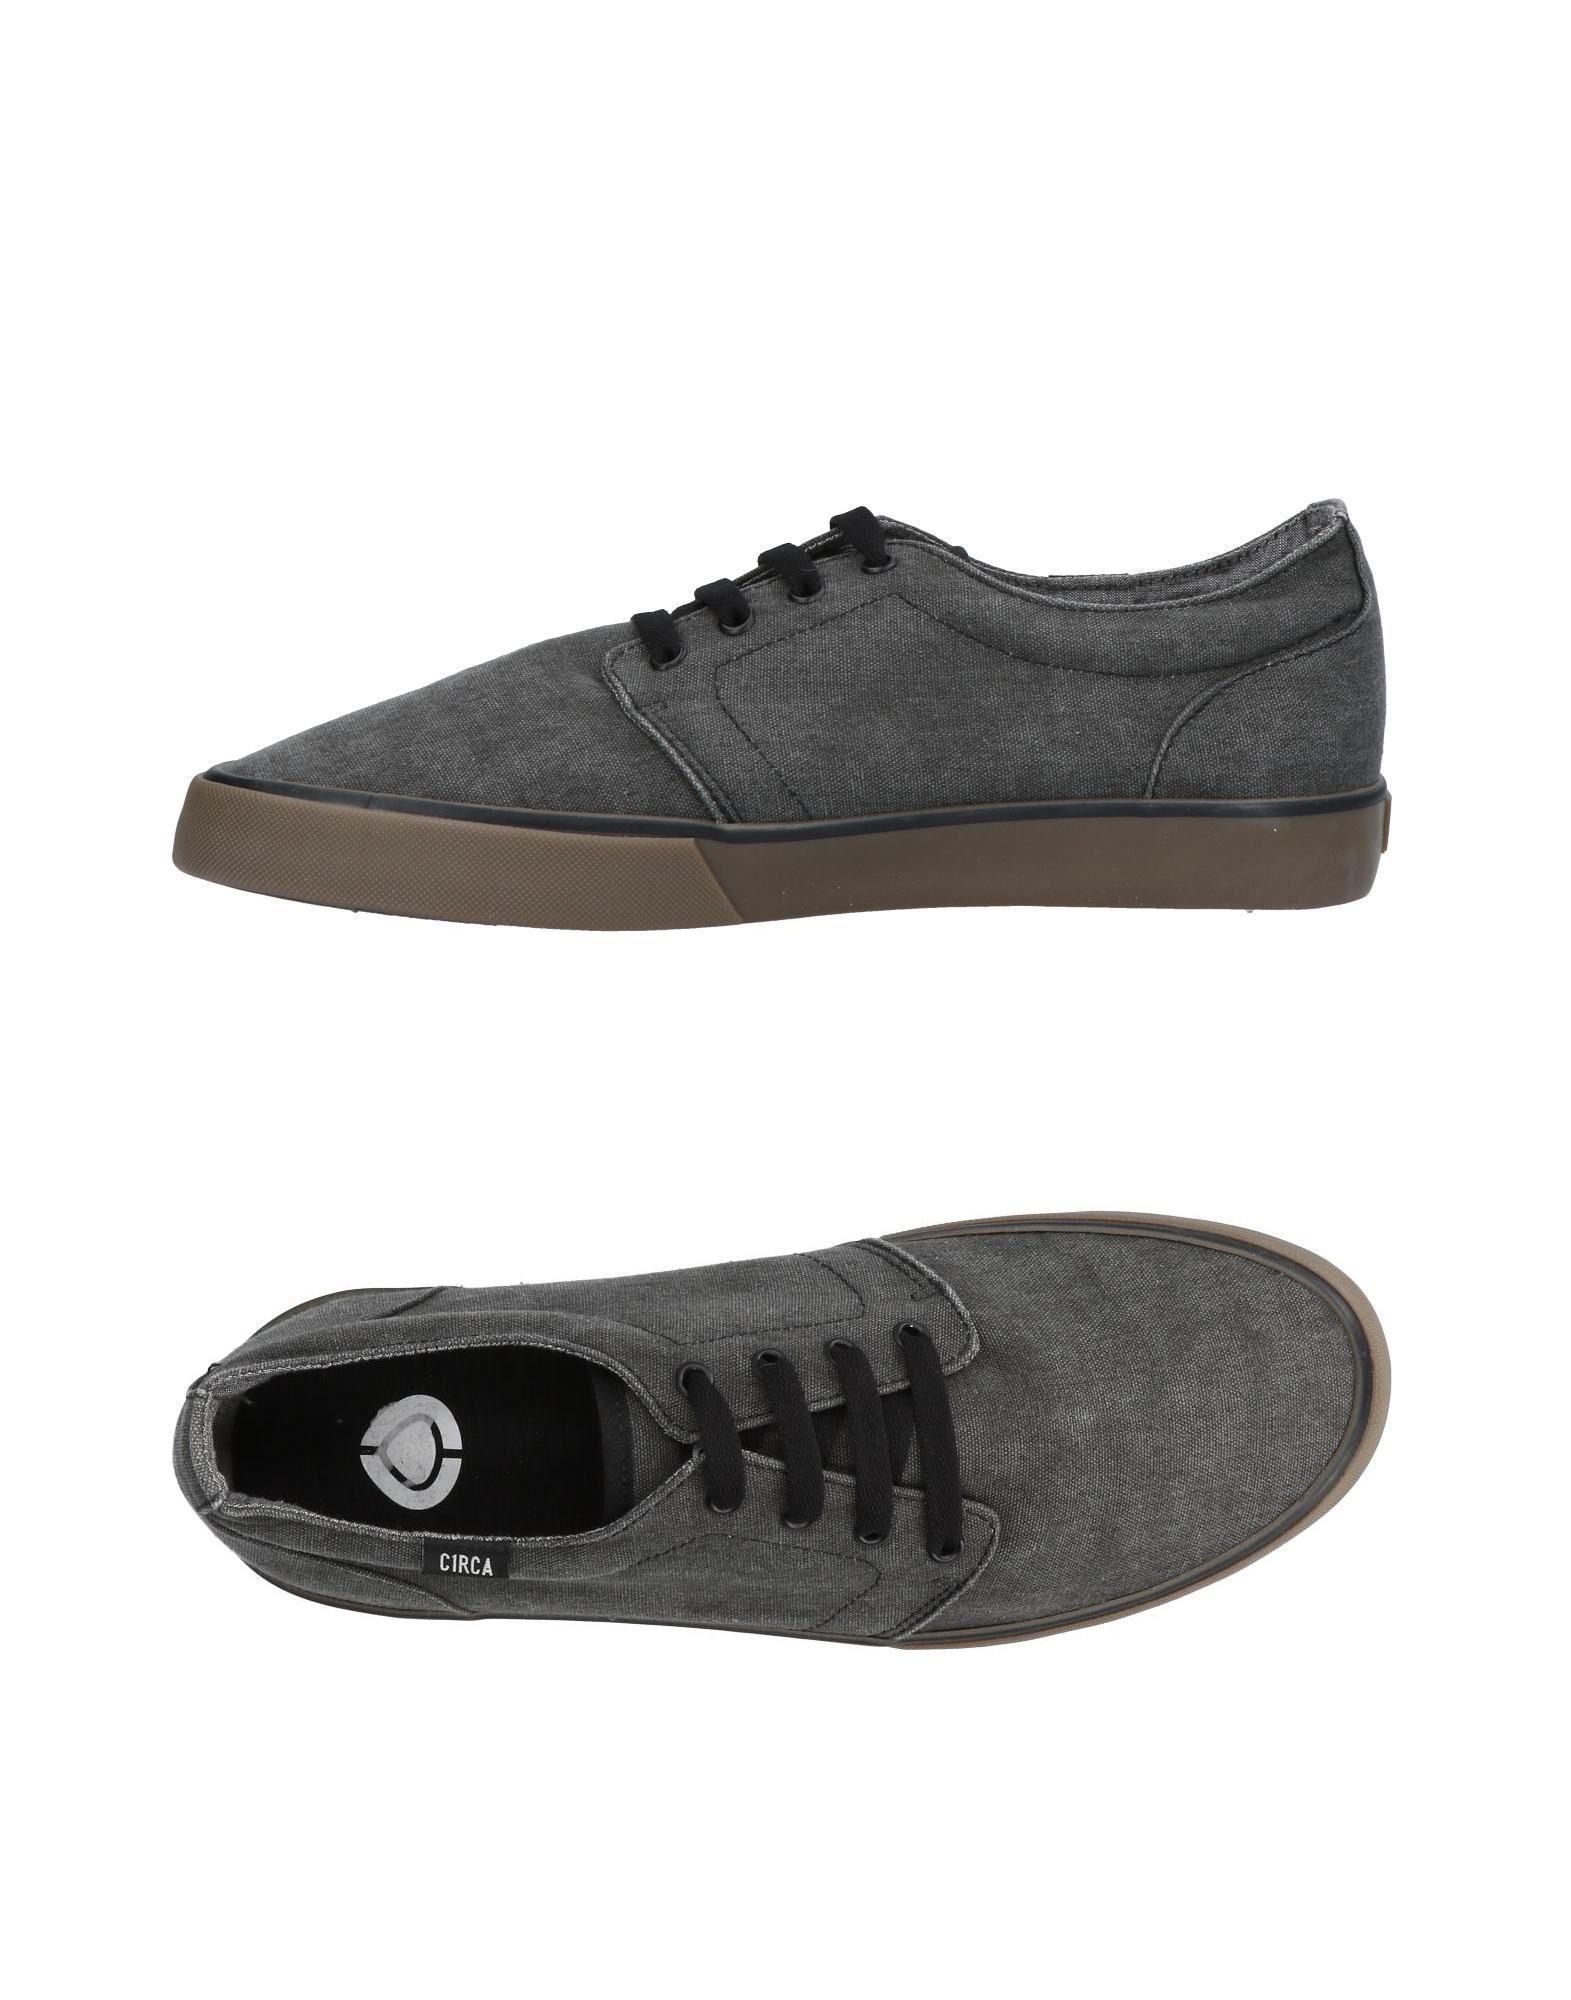 FOOTWEAR - Low-tops & sneakers C1RCA y3nBn